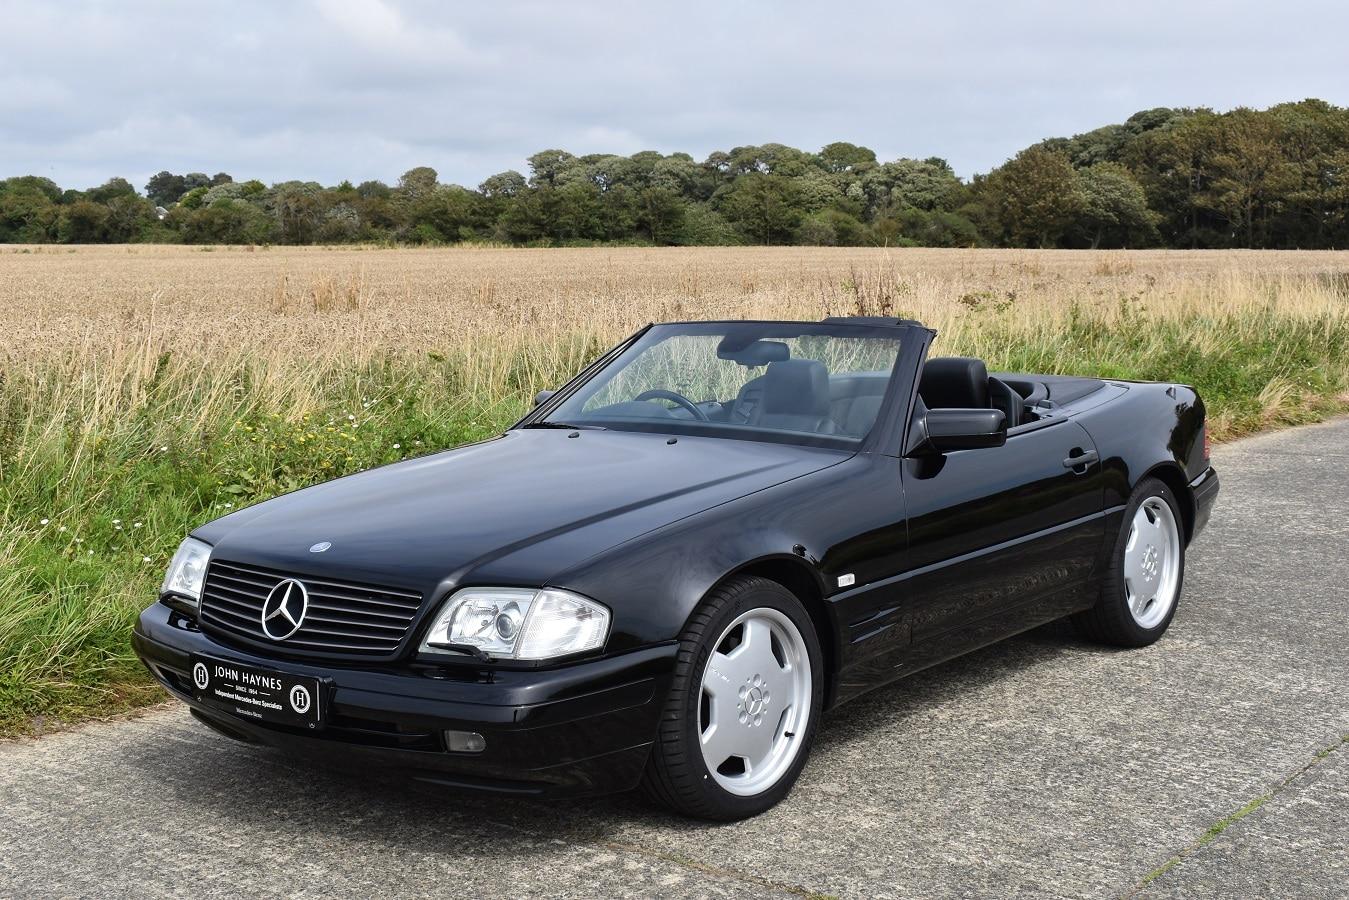 1998 Mercedes-Benz SL500 040 black